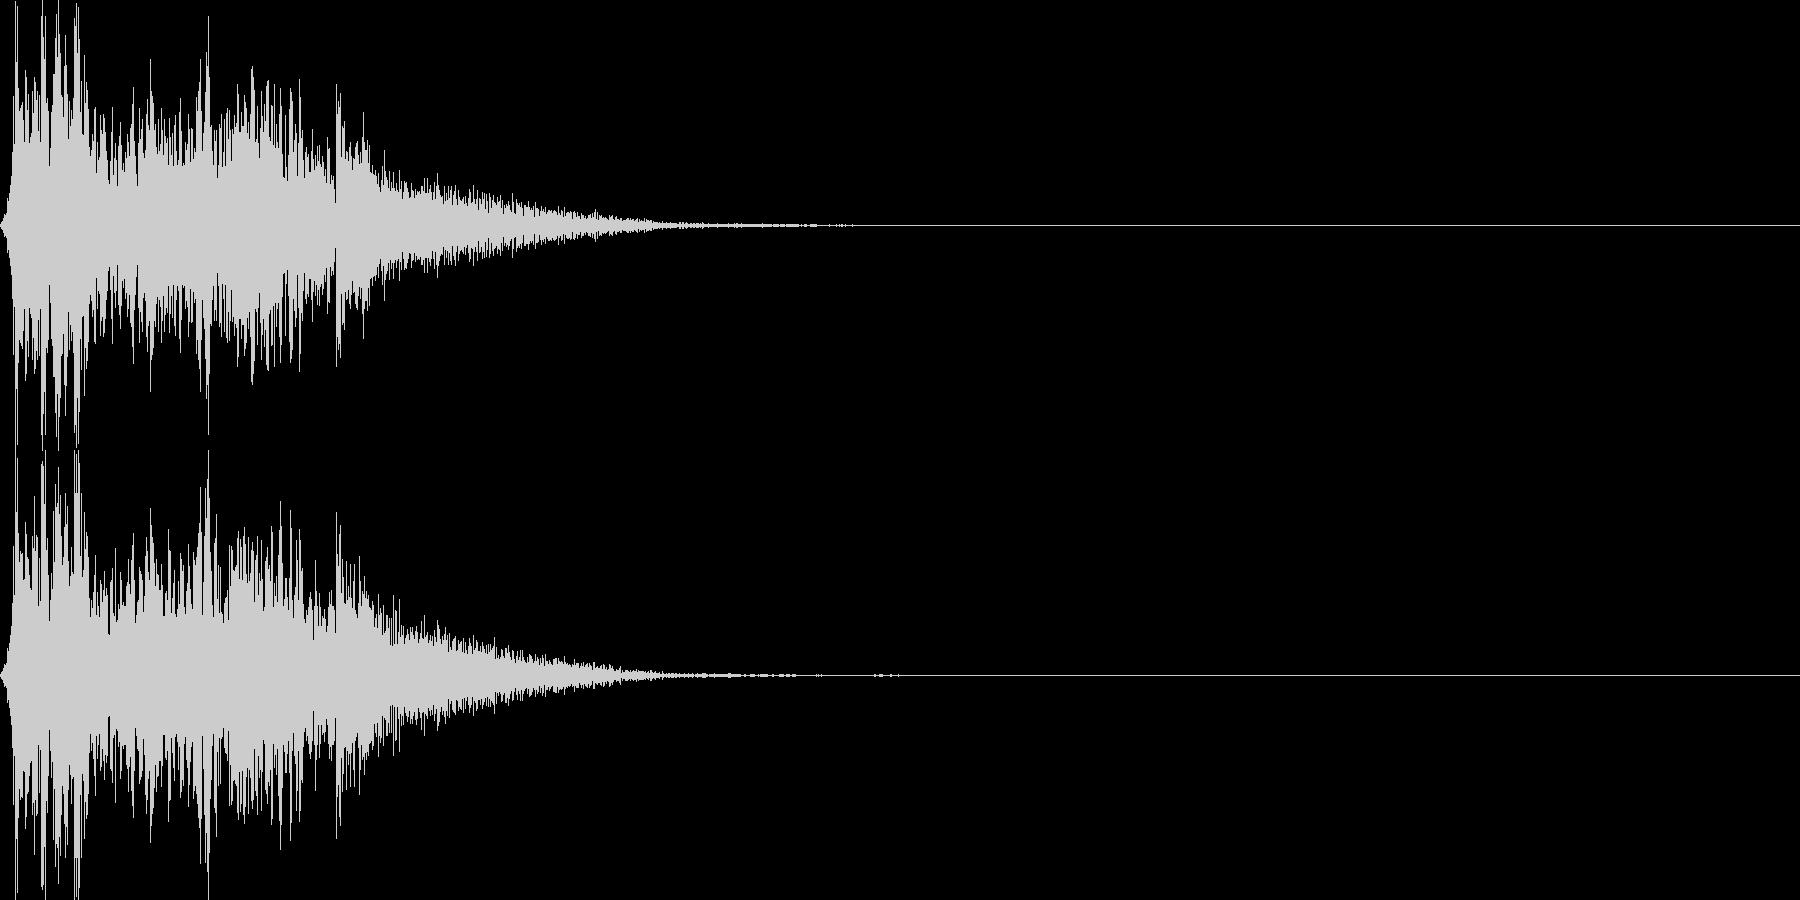 斧やハンマーで一刀両断(重量感あり)の未再生の波形